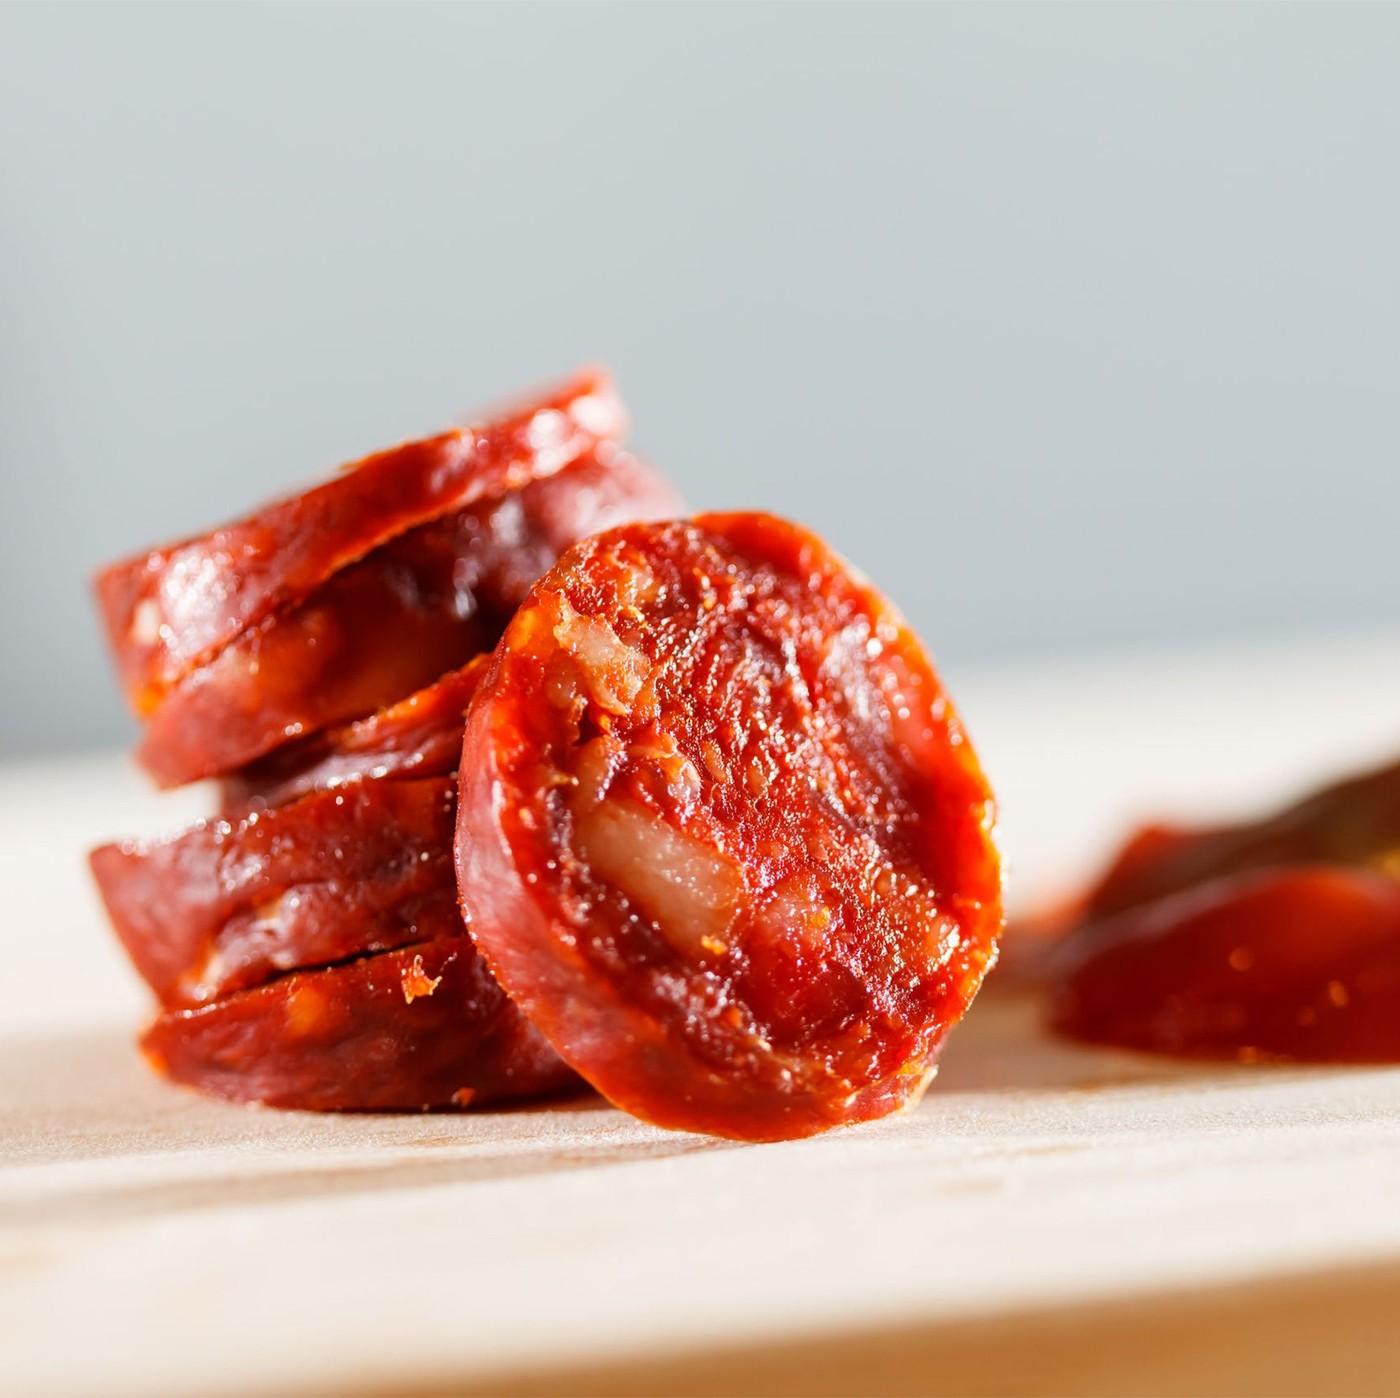 receta de Salciccia pepperone precortada